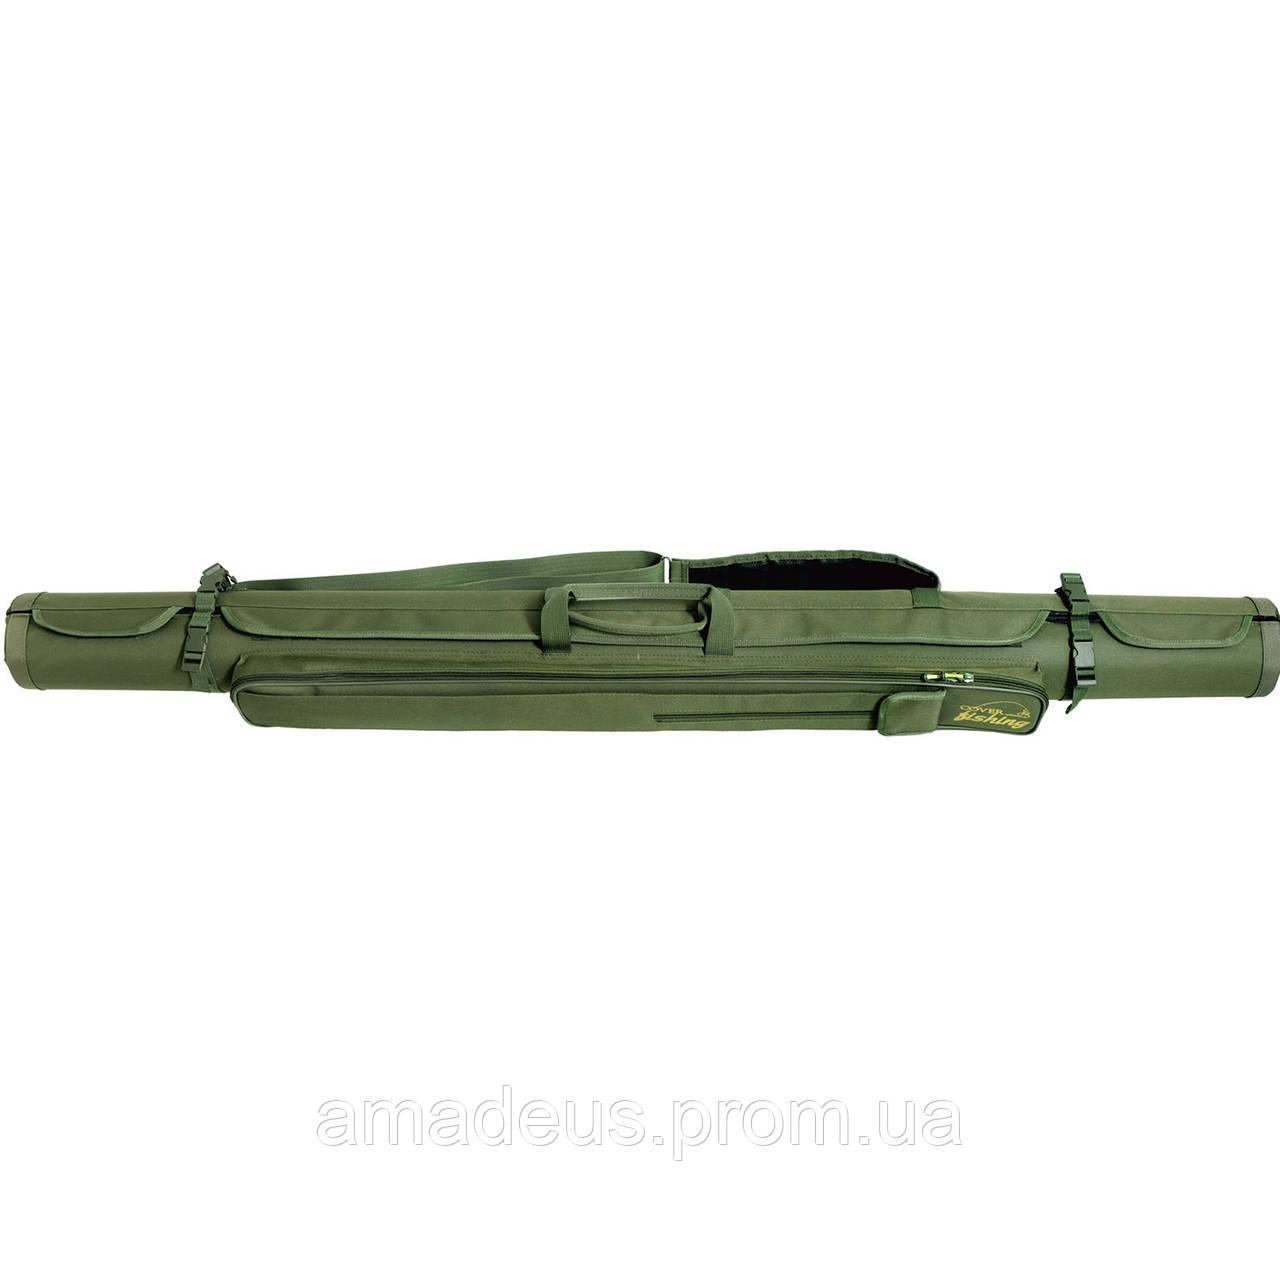 Жесткий кофр-тубус для спиннингов (150, ф12) КВ-4